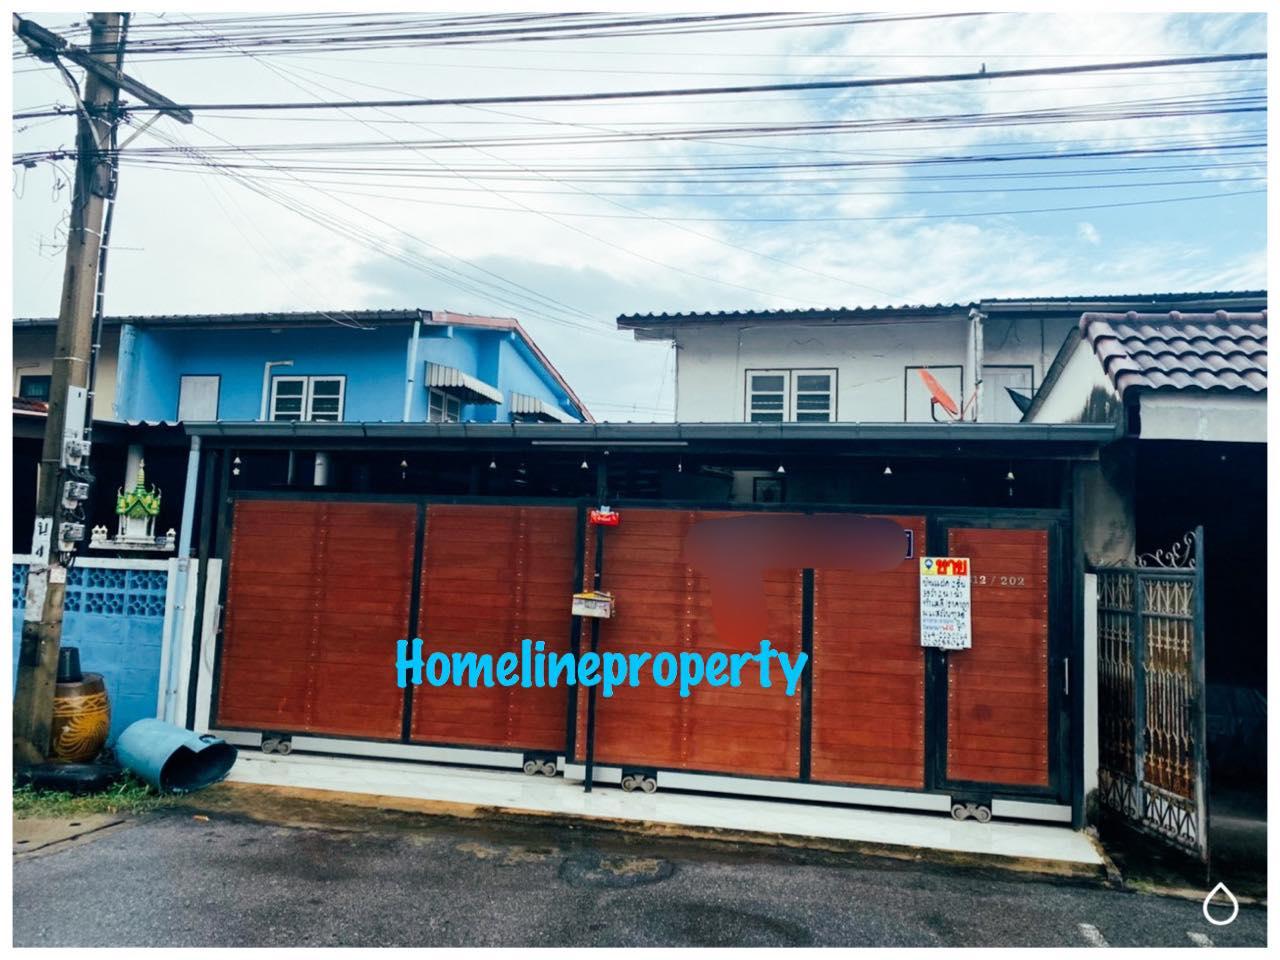 ขายบ้านแฝด 2 ชั้น หมู่บ้านแสงไพฑูรย์ สรงประภา14  (รหัสทรัพย์ 202184) ซอยสรงประภา14 ดอนเมือง กรุงเทพ